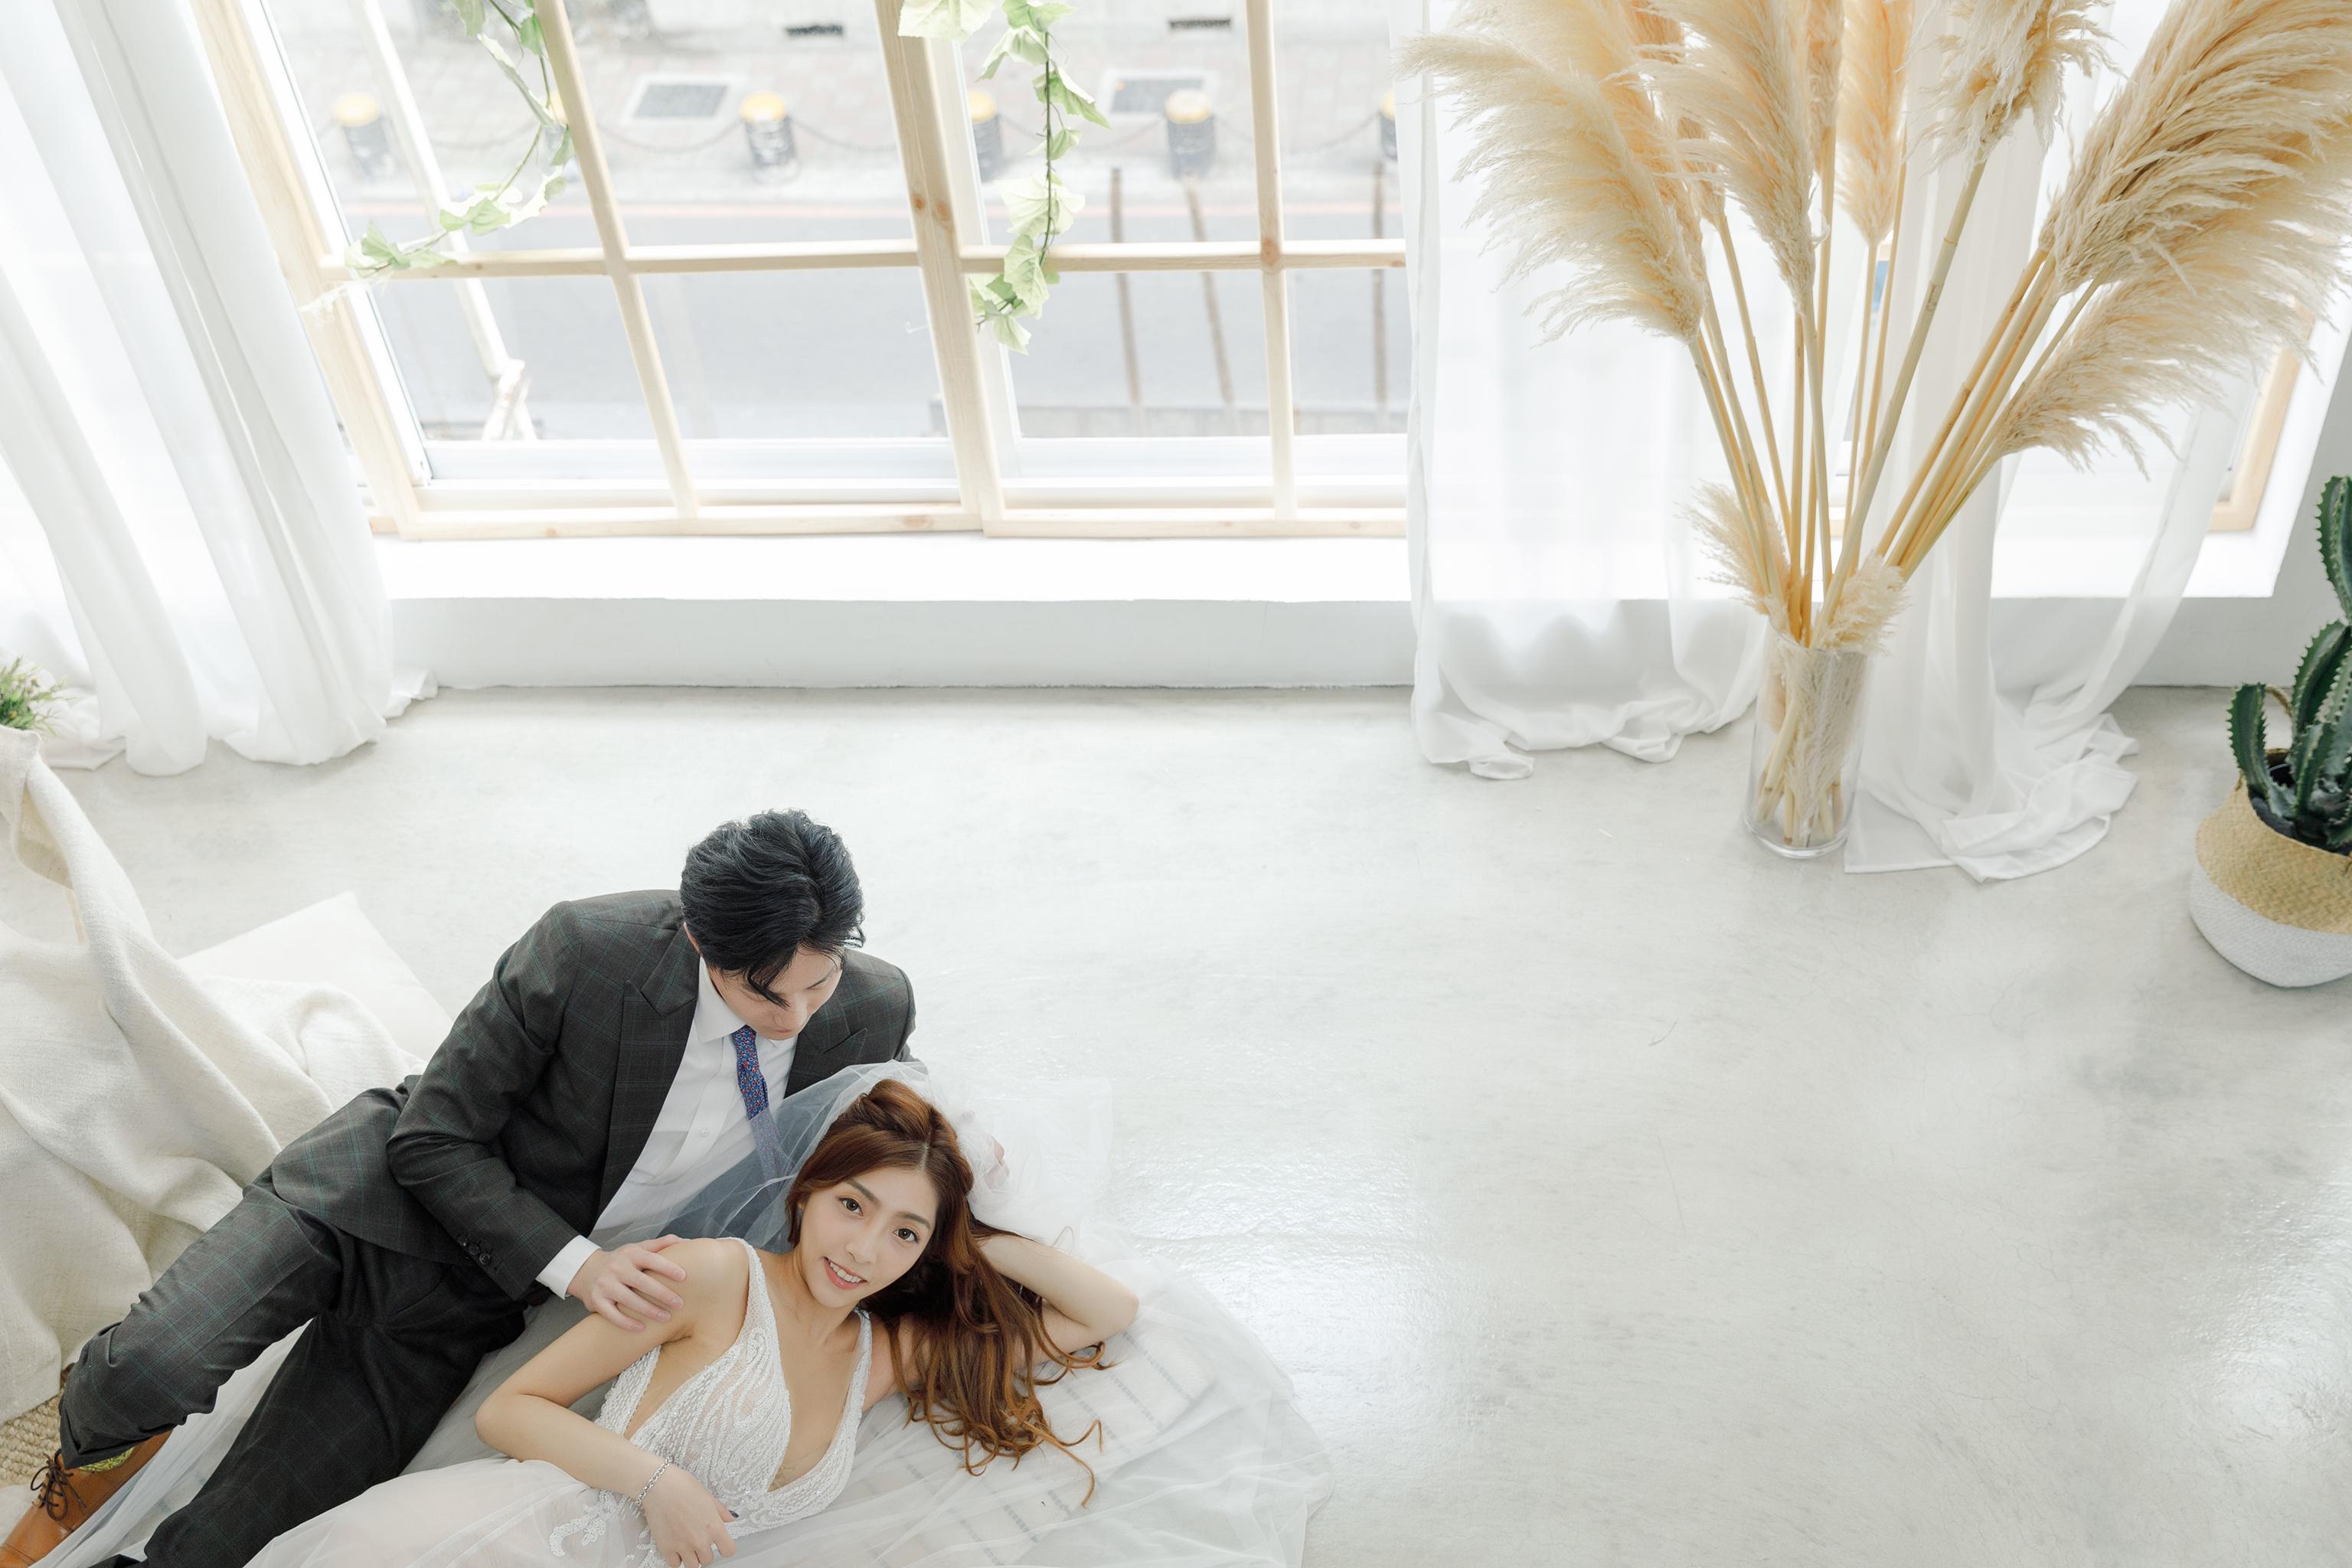 47035710724 e7dcb19354 o - 【自主婚紗】+漢英&佳玲+